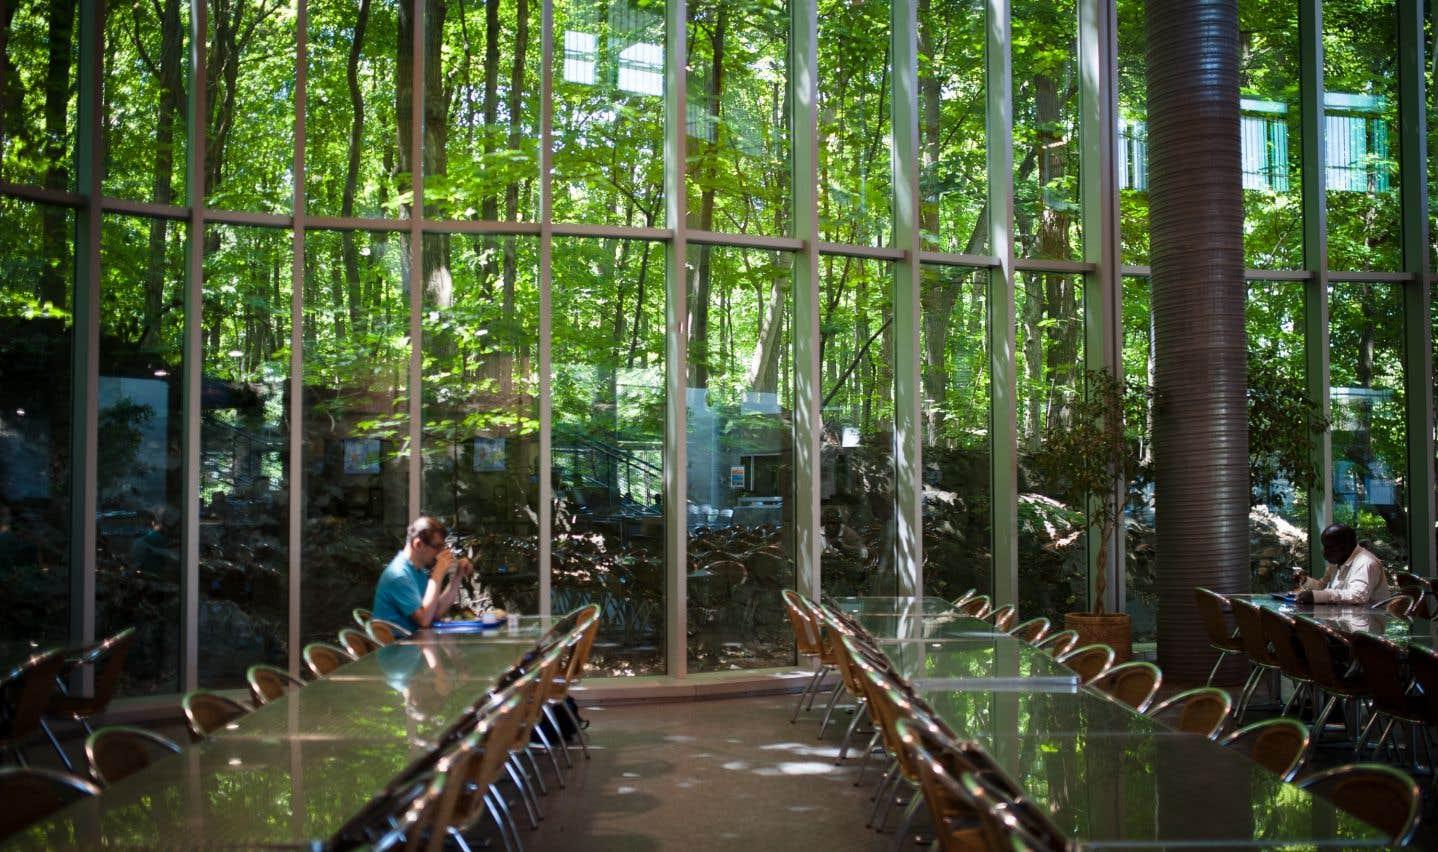 Les étudiants peuvent profiter d'un bain de lumière naturelle dans la cafétéria.